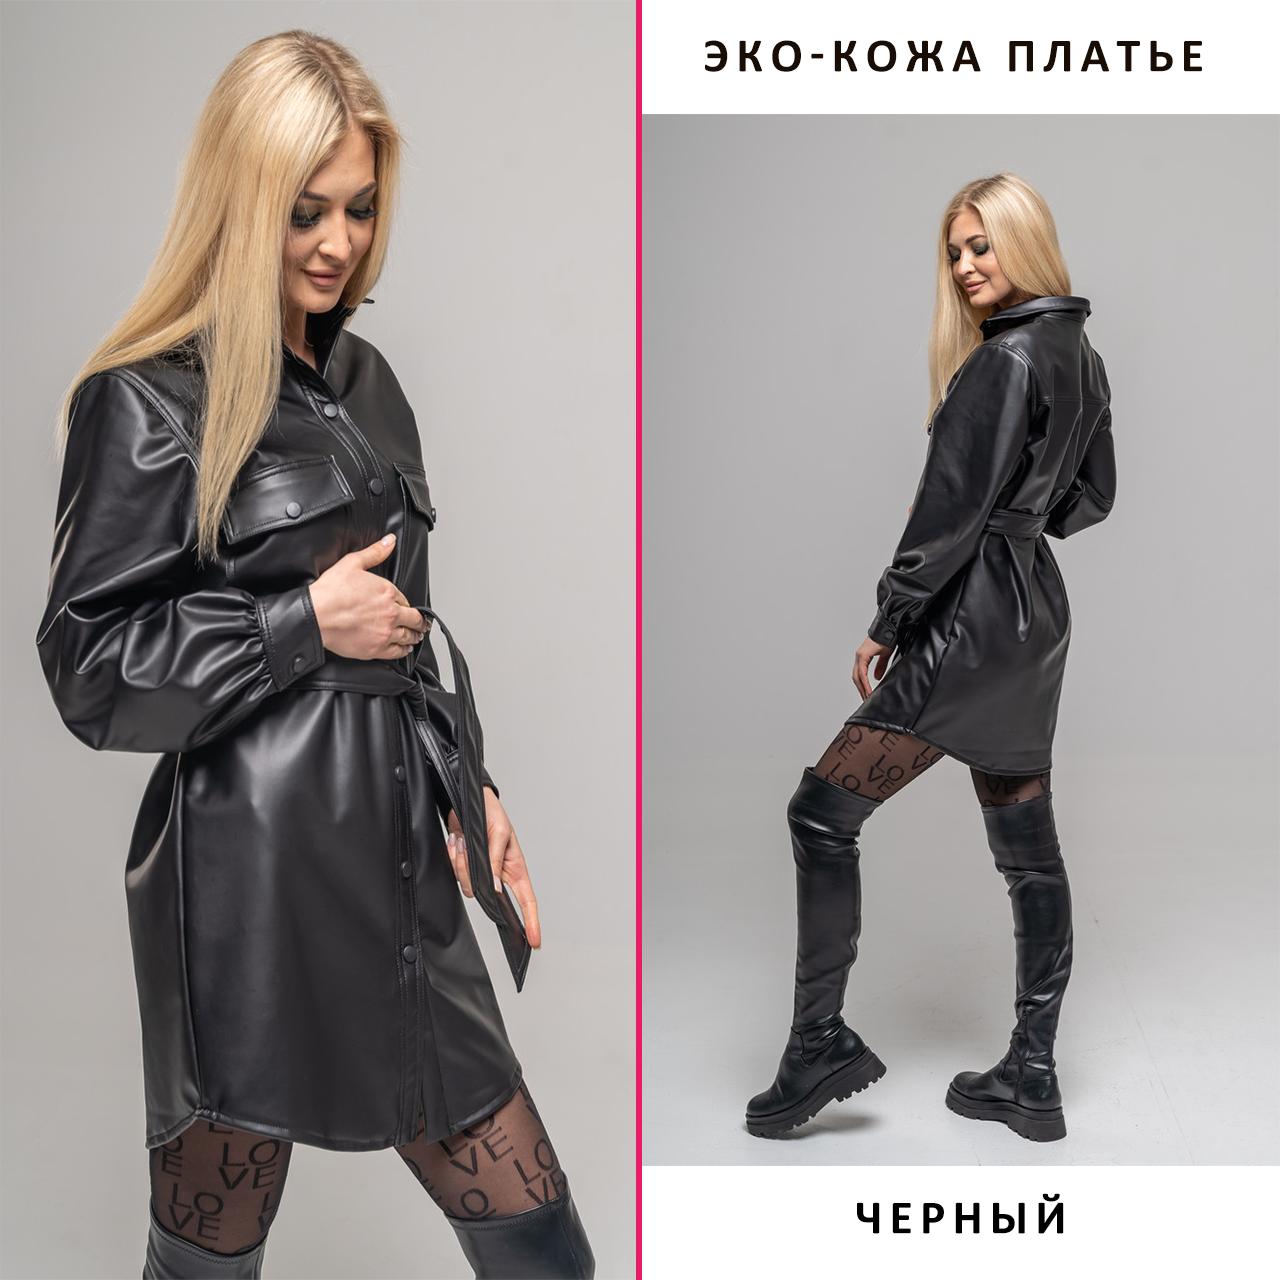 Сорочка-сукня з еко-шкіри в чорному кольорі